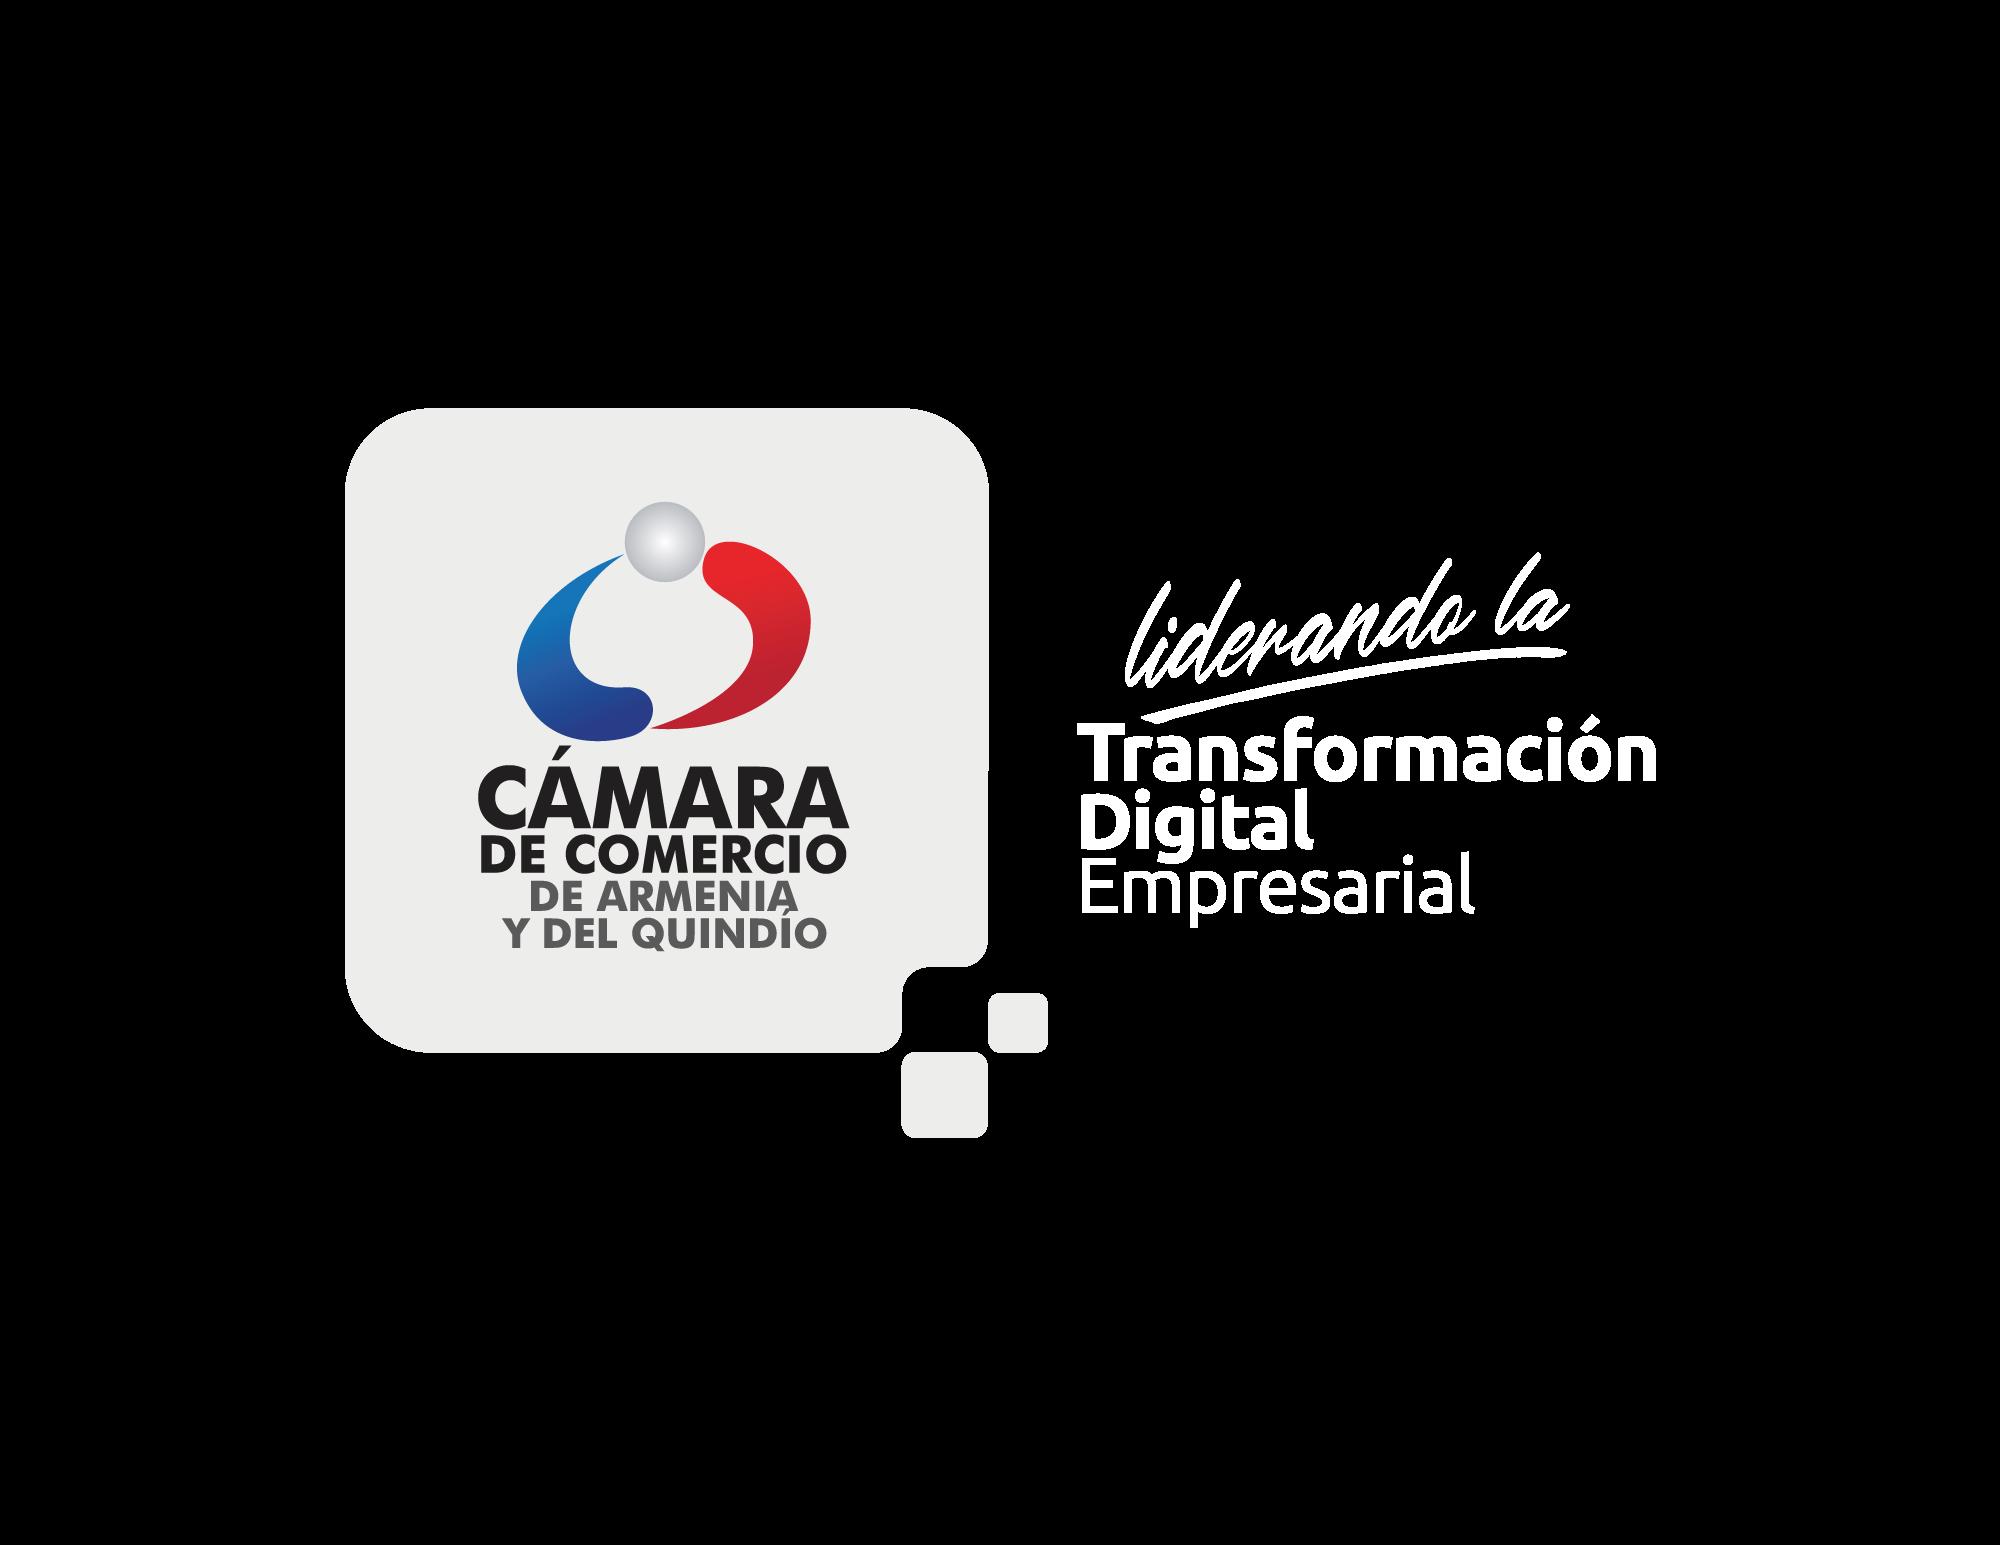 Logo-Cámara-de-Comercio-de-Armenia-y-del-Quindío-2021-BLANCO